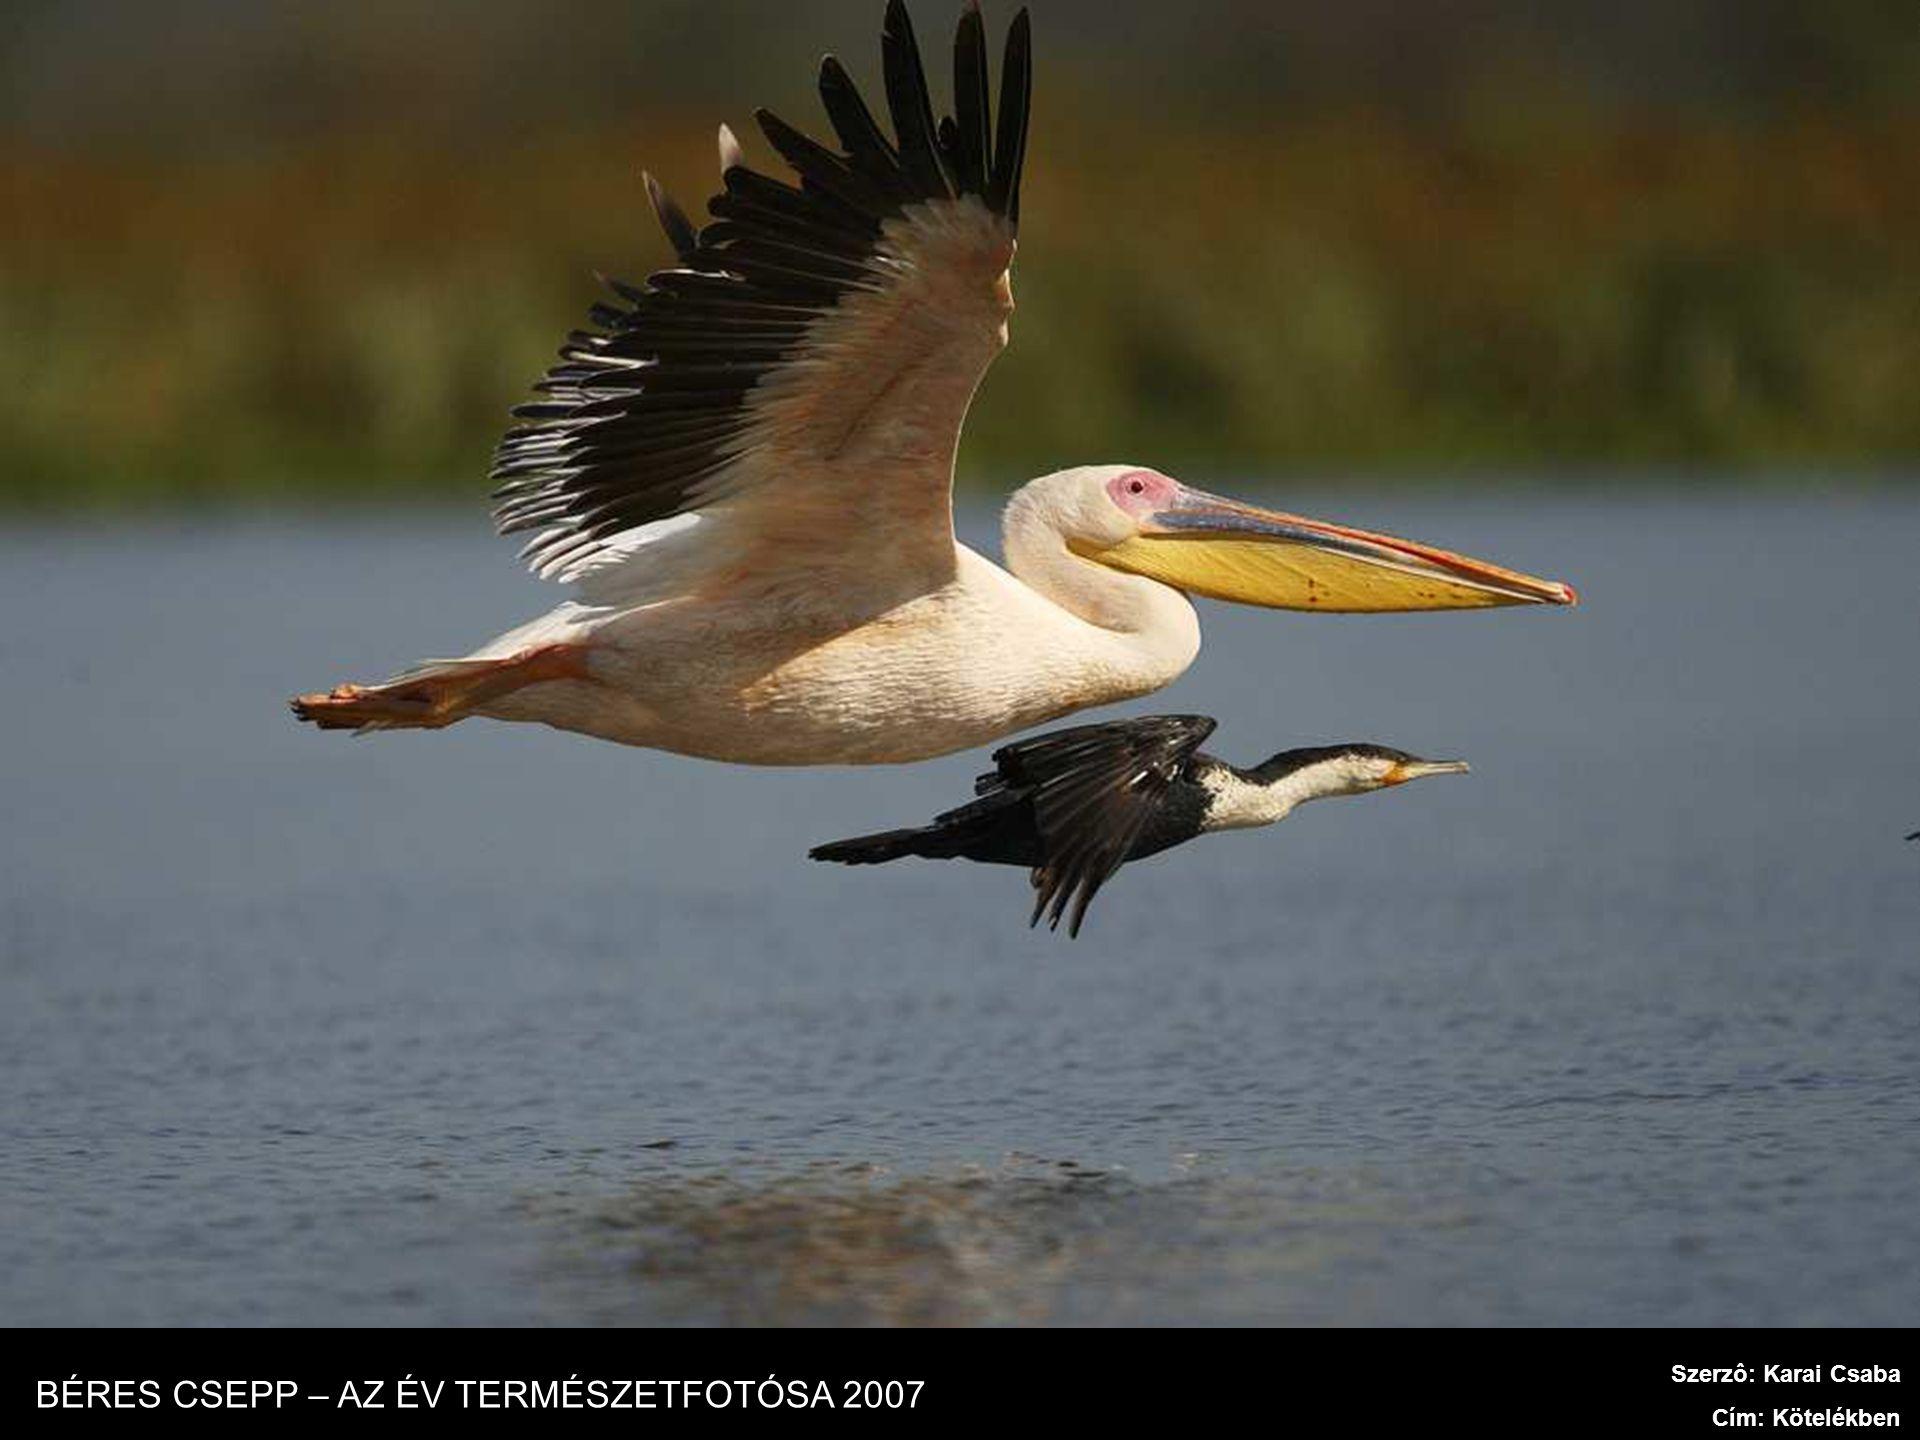 Szerzô: Karai Csaba Cím: Hiéna és flamingó BÉRES CSEPP – AZ ÉV TERMÉSZETFOTÓSA 2007